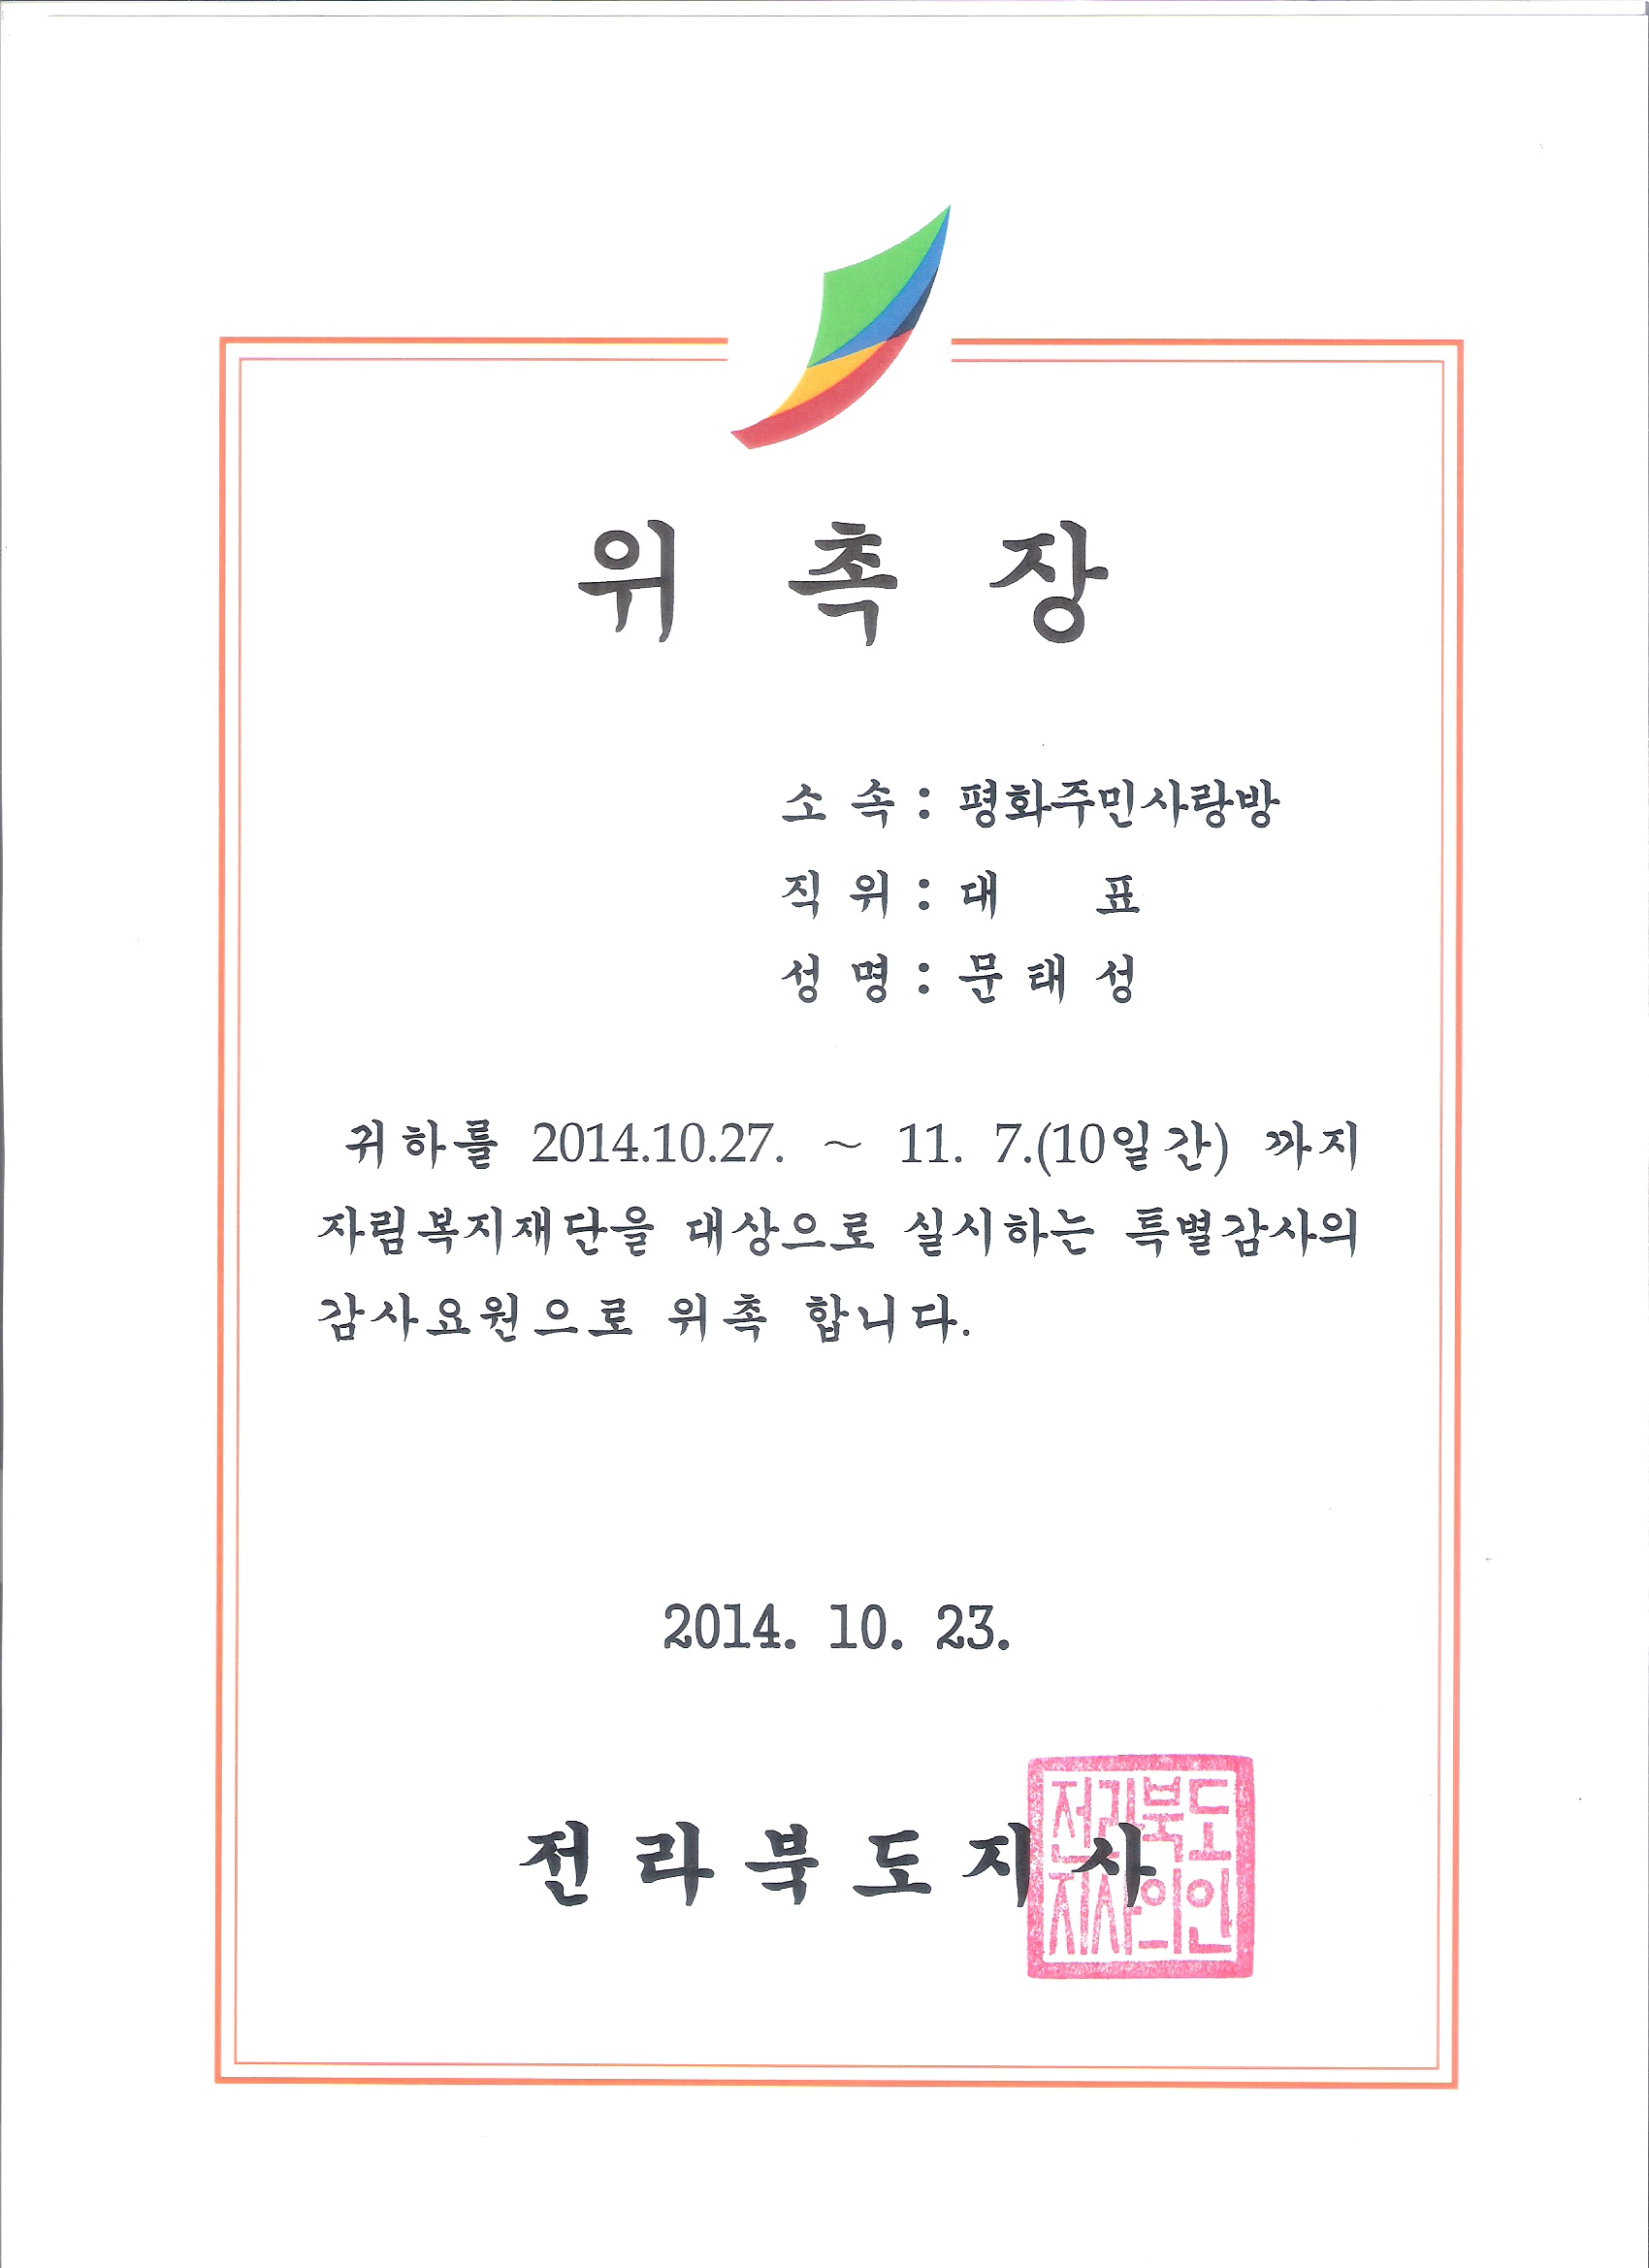 14.10.23_위촉장(자림복지재단 특별감사).jpg